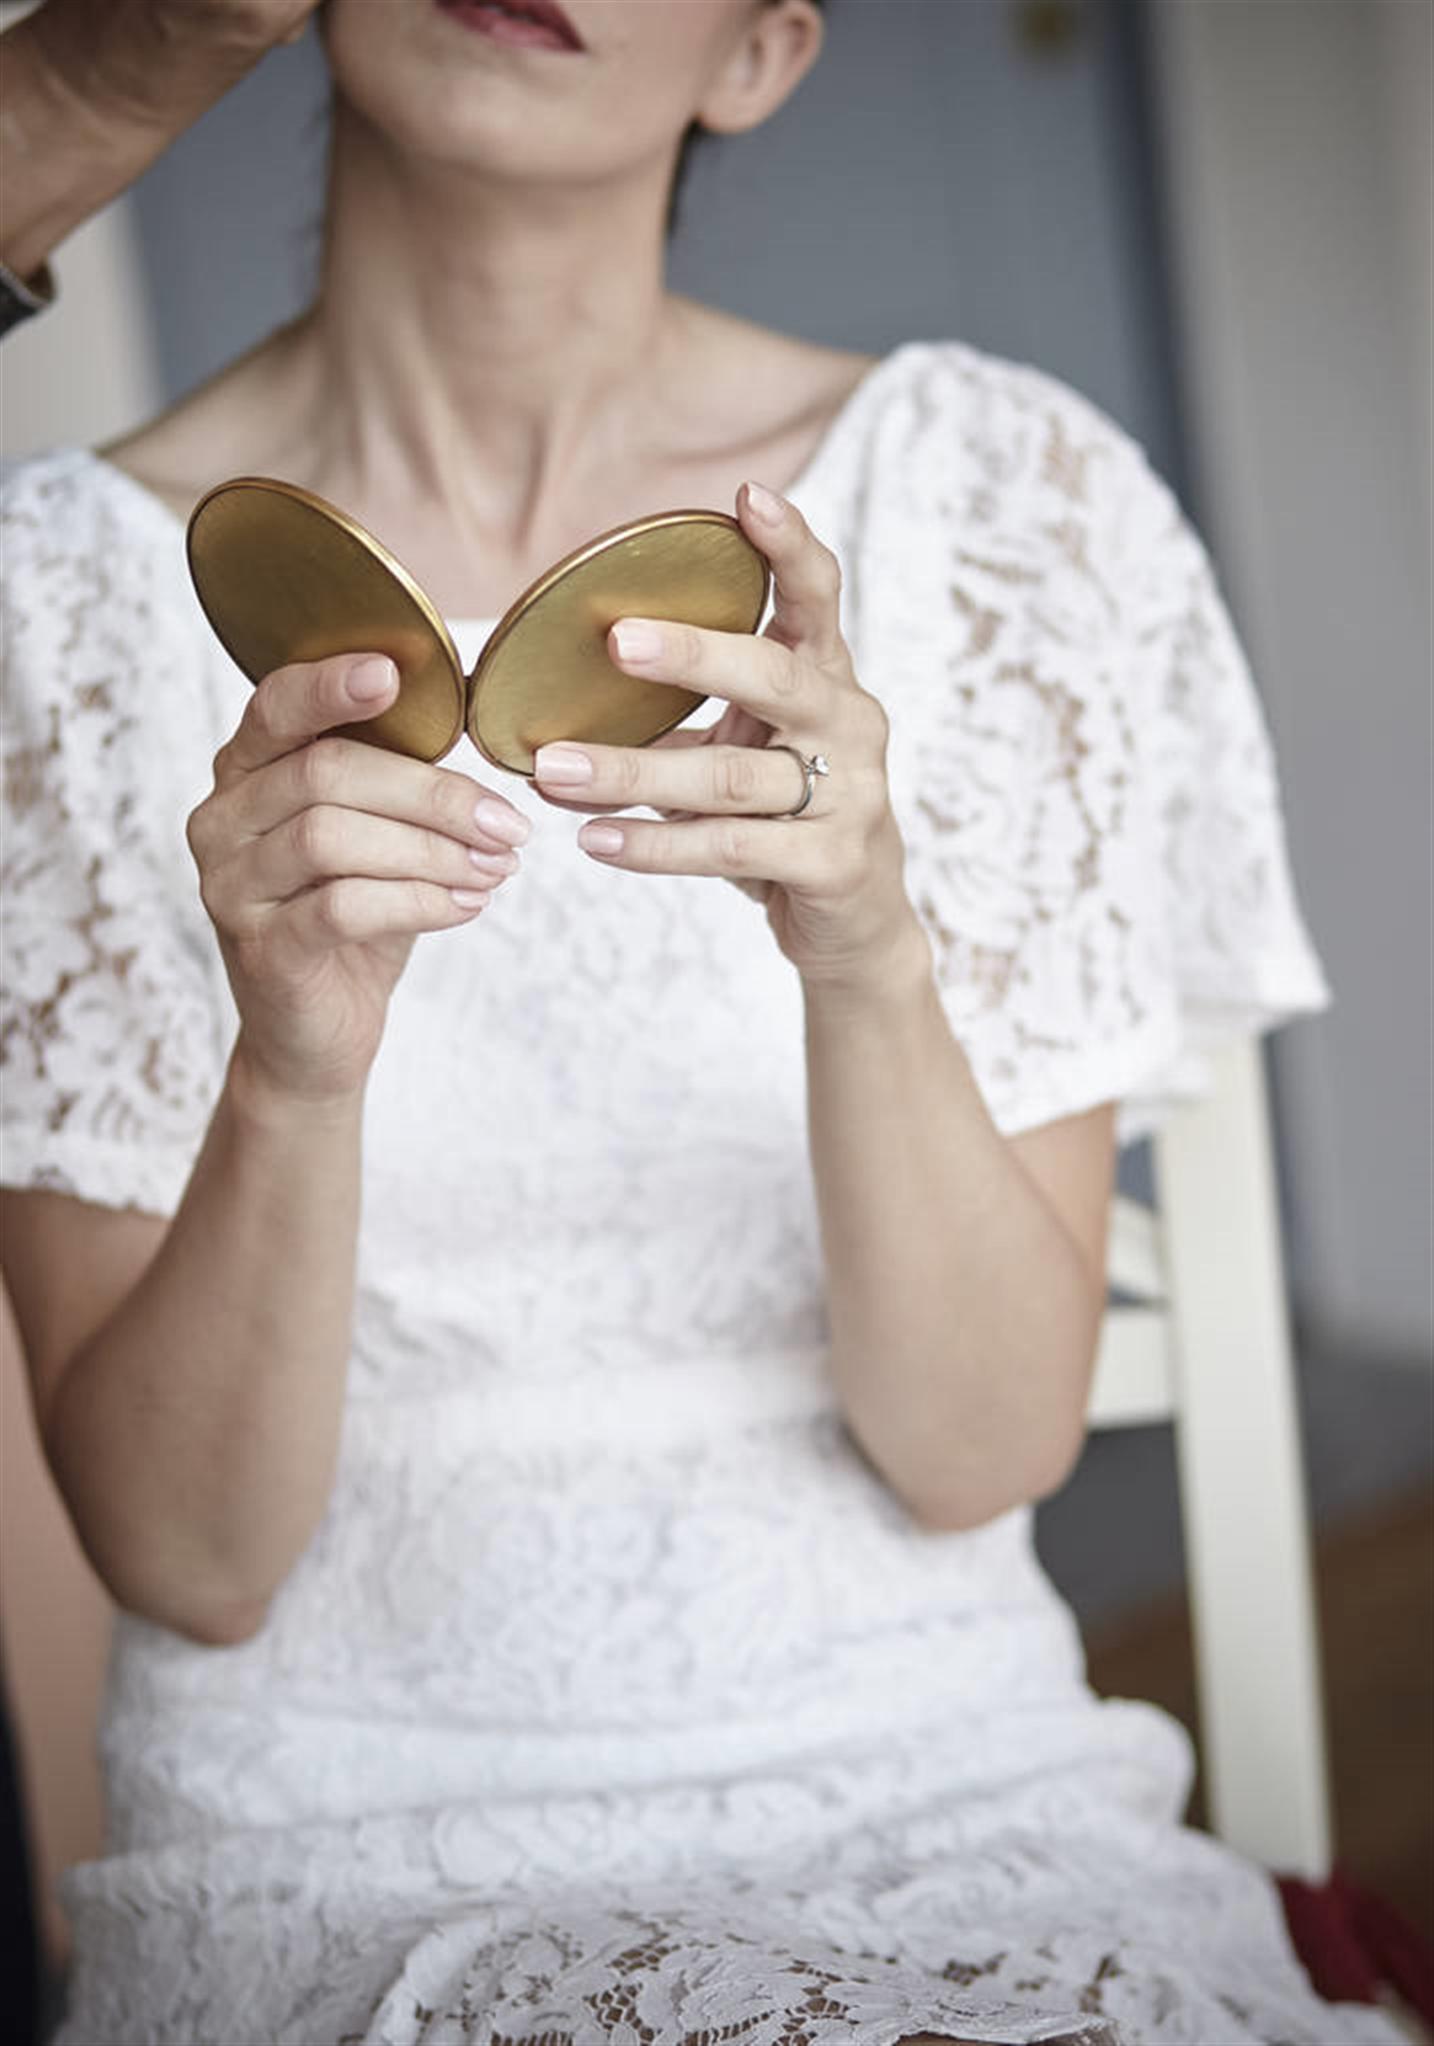 女命八字看有几次婚姻 二婚幸福的日柱